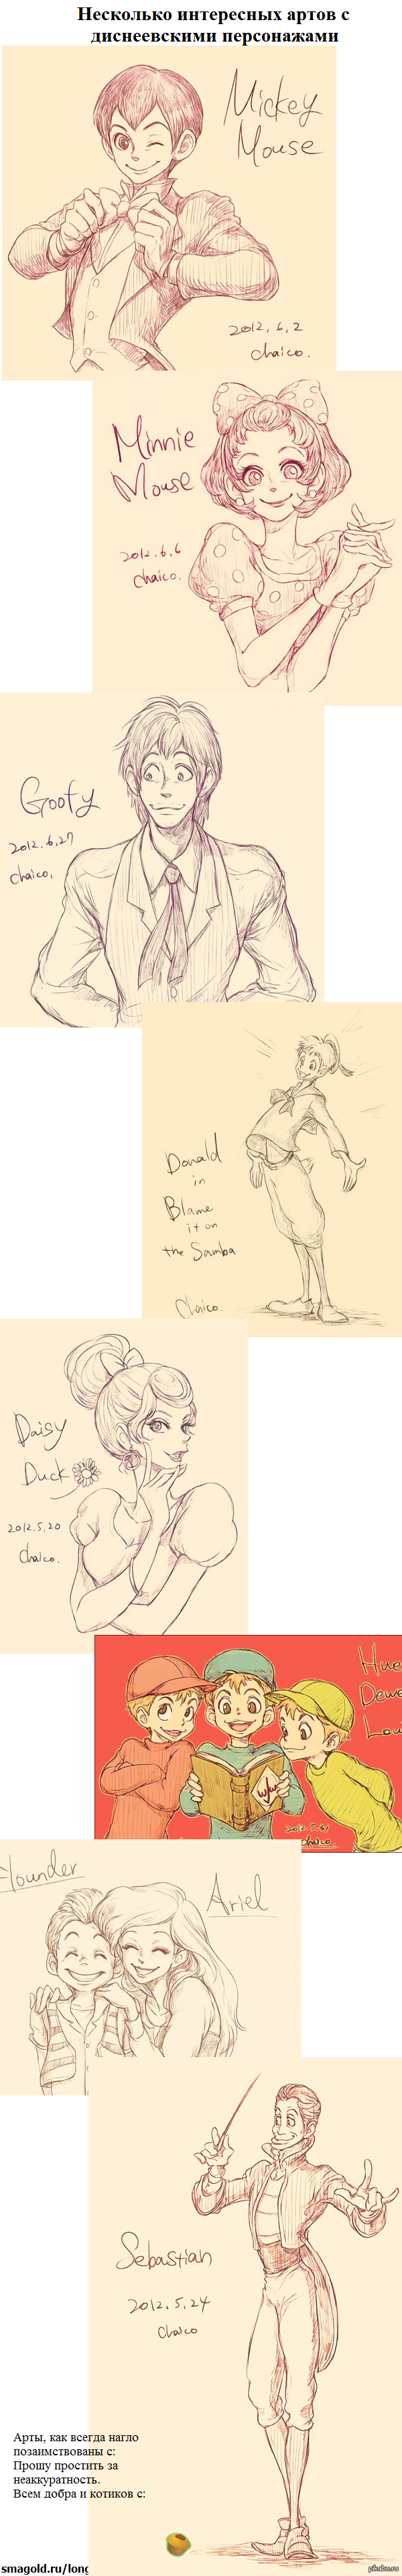 Интересные арты с персонажами Диснея с: